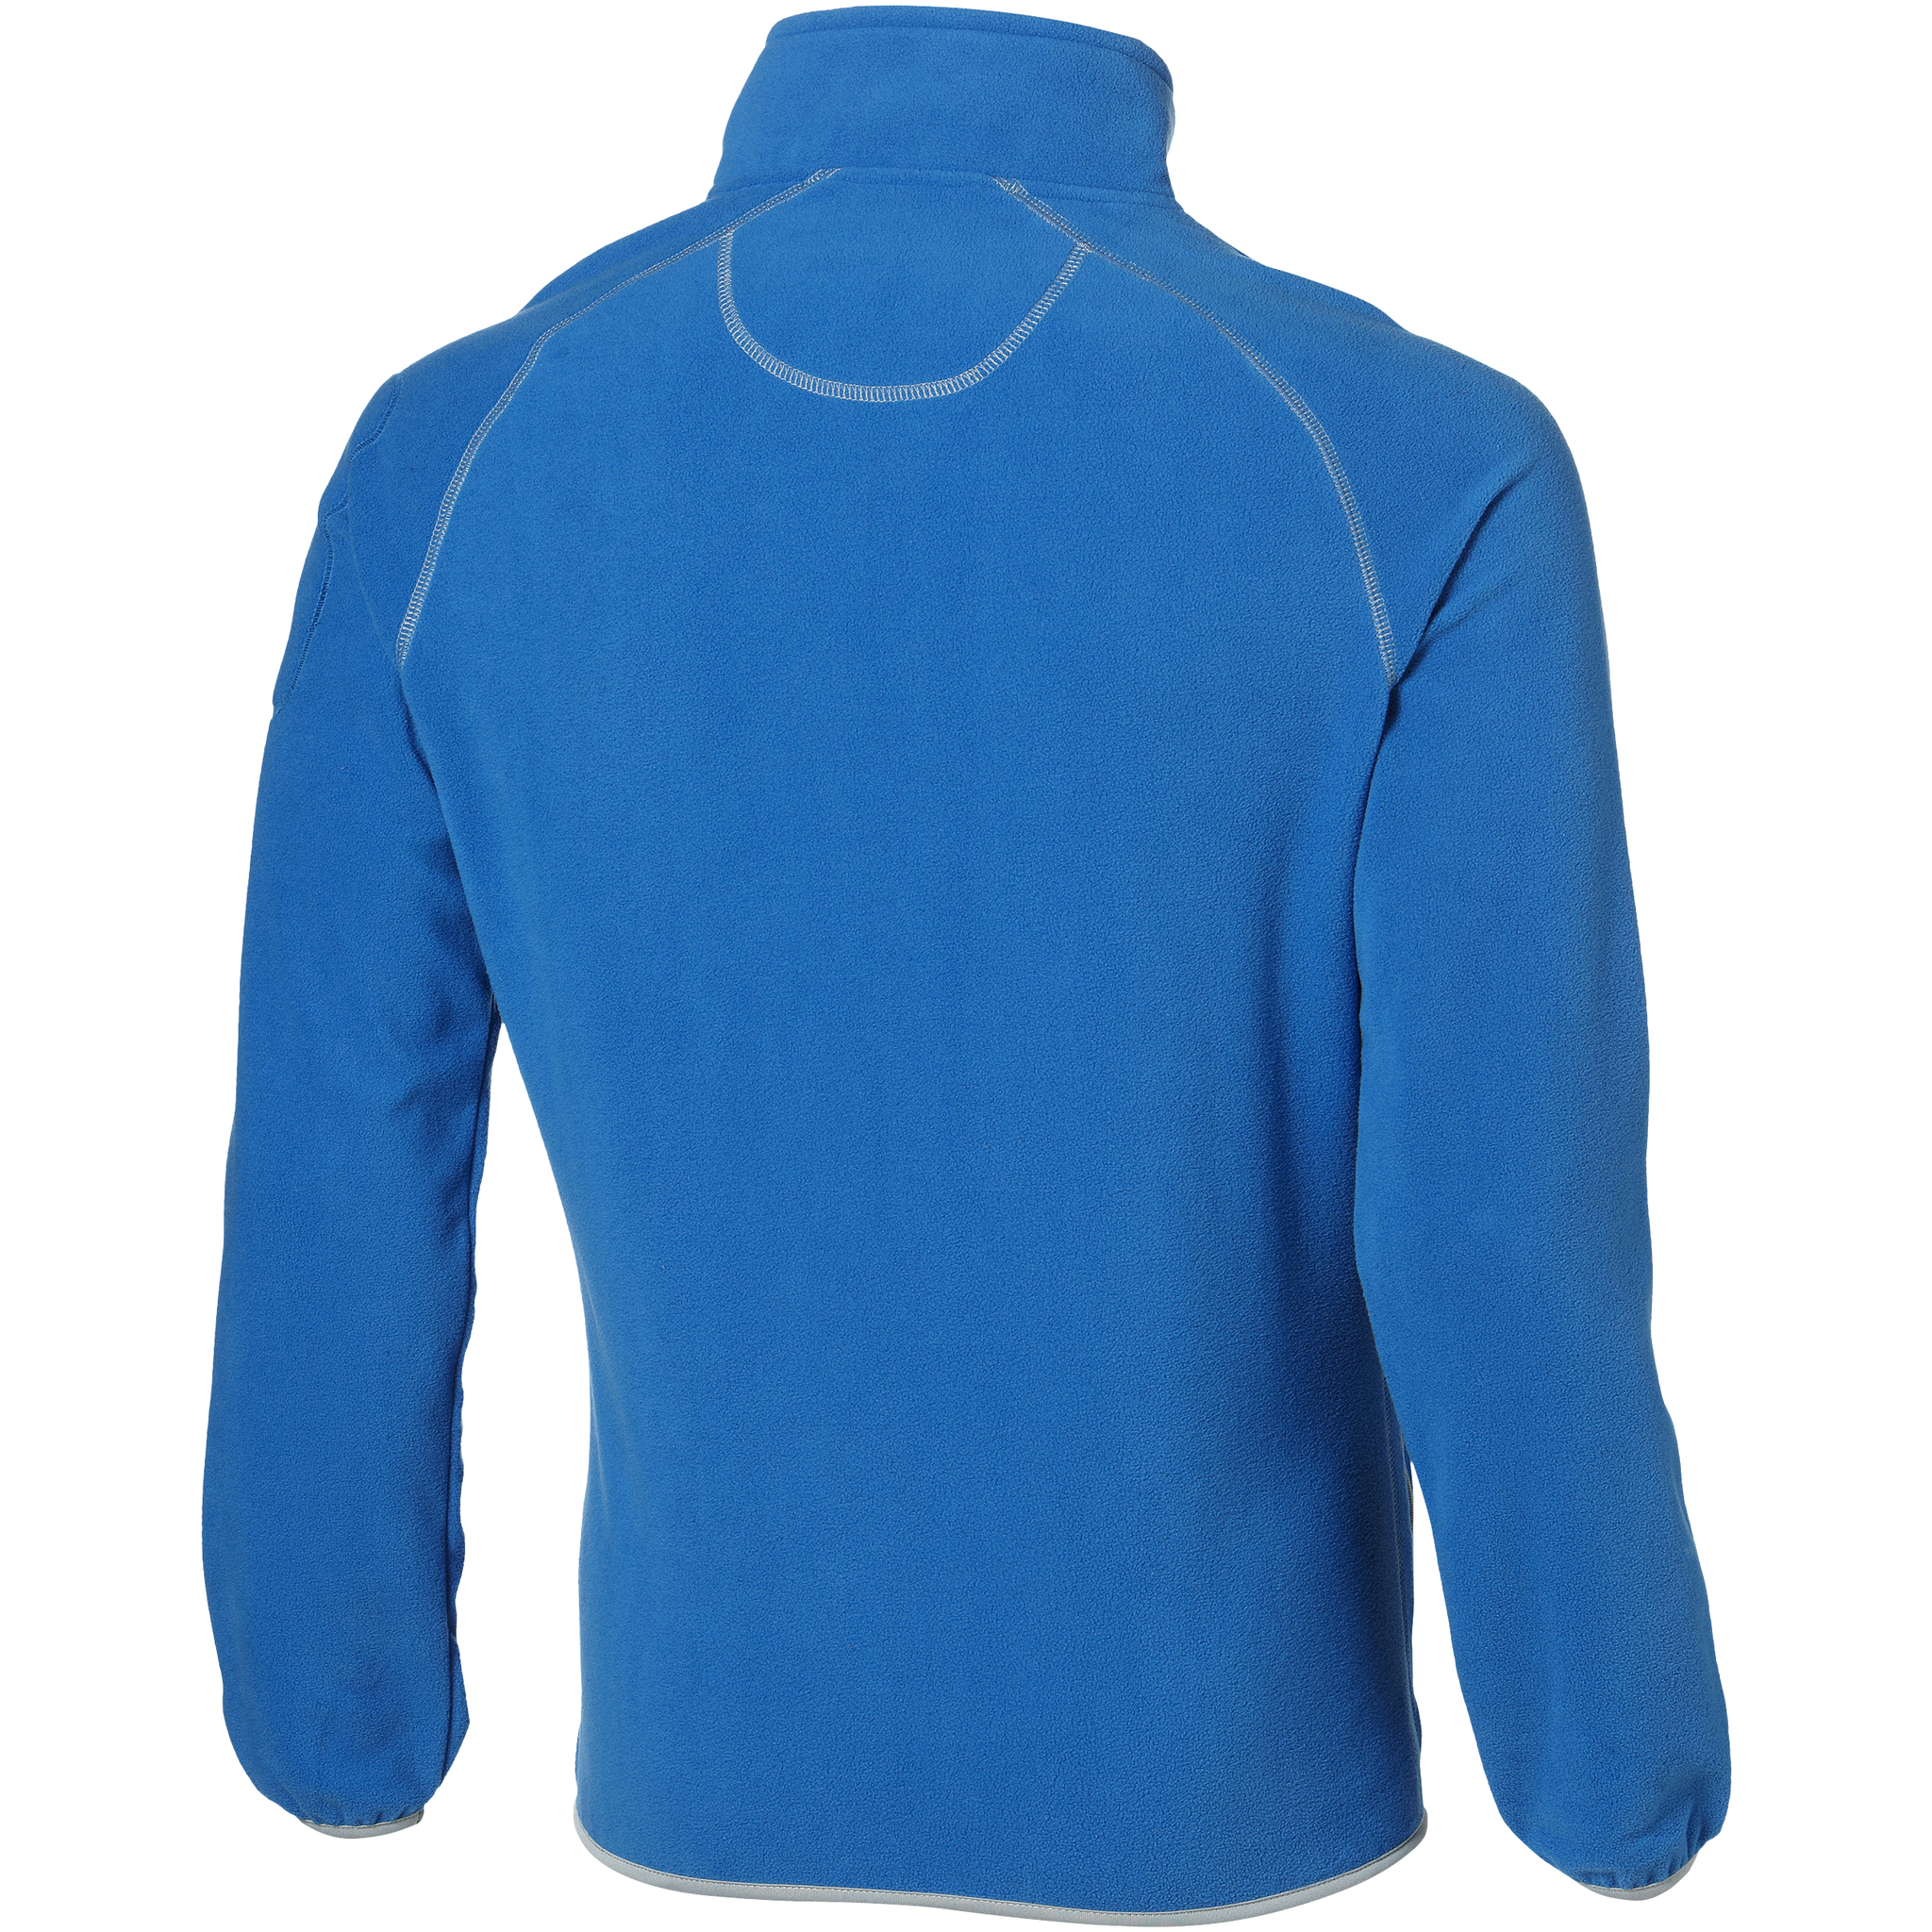 Slazenger Mens Drop Shot Full Zip Micro Fleece Jacket PF1795